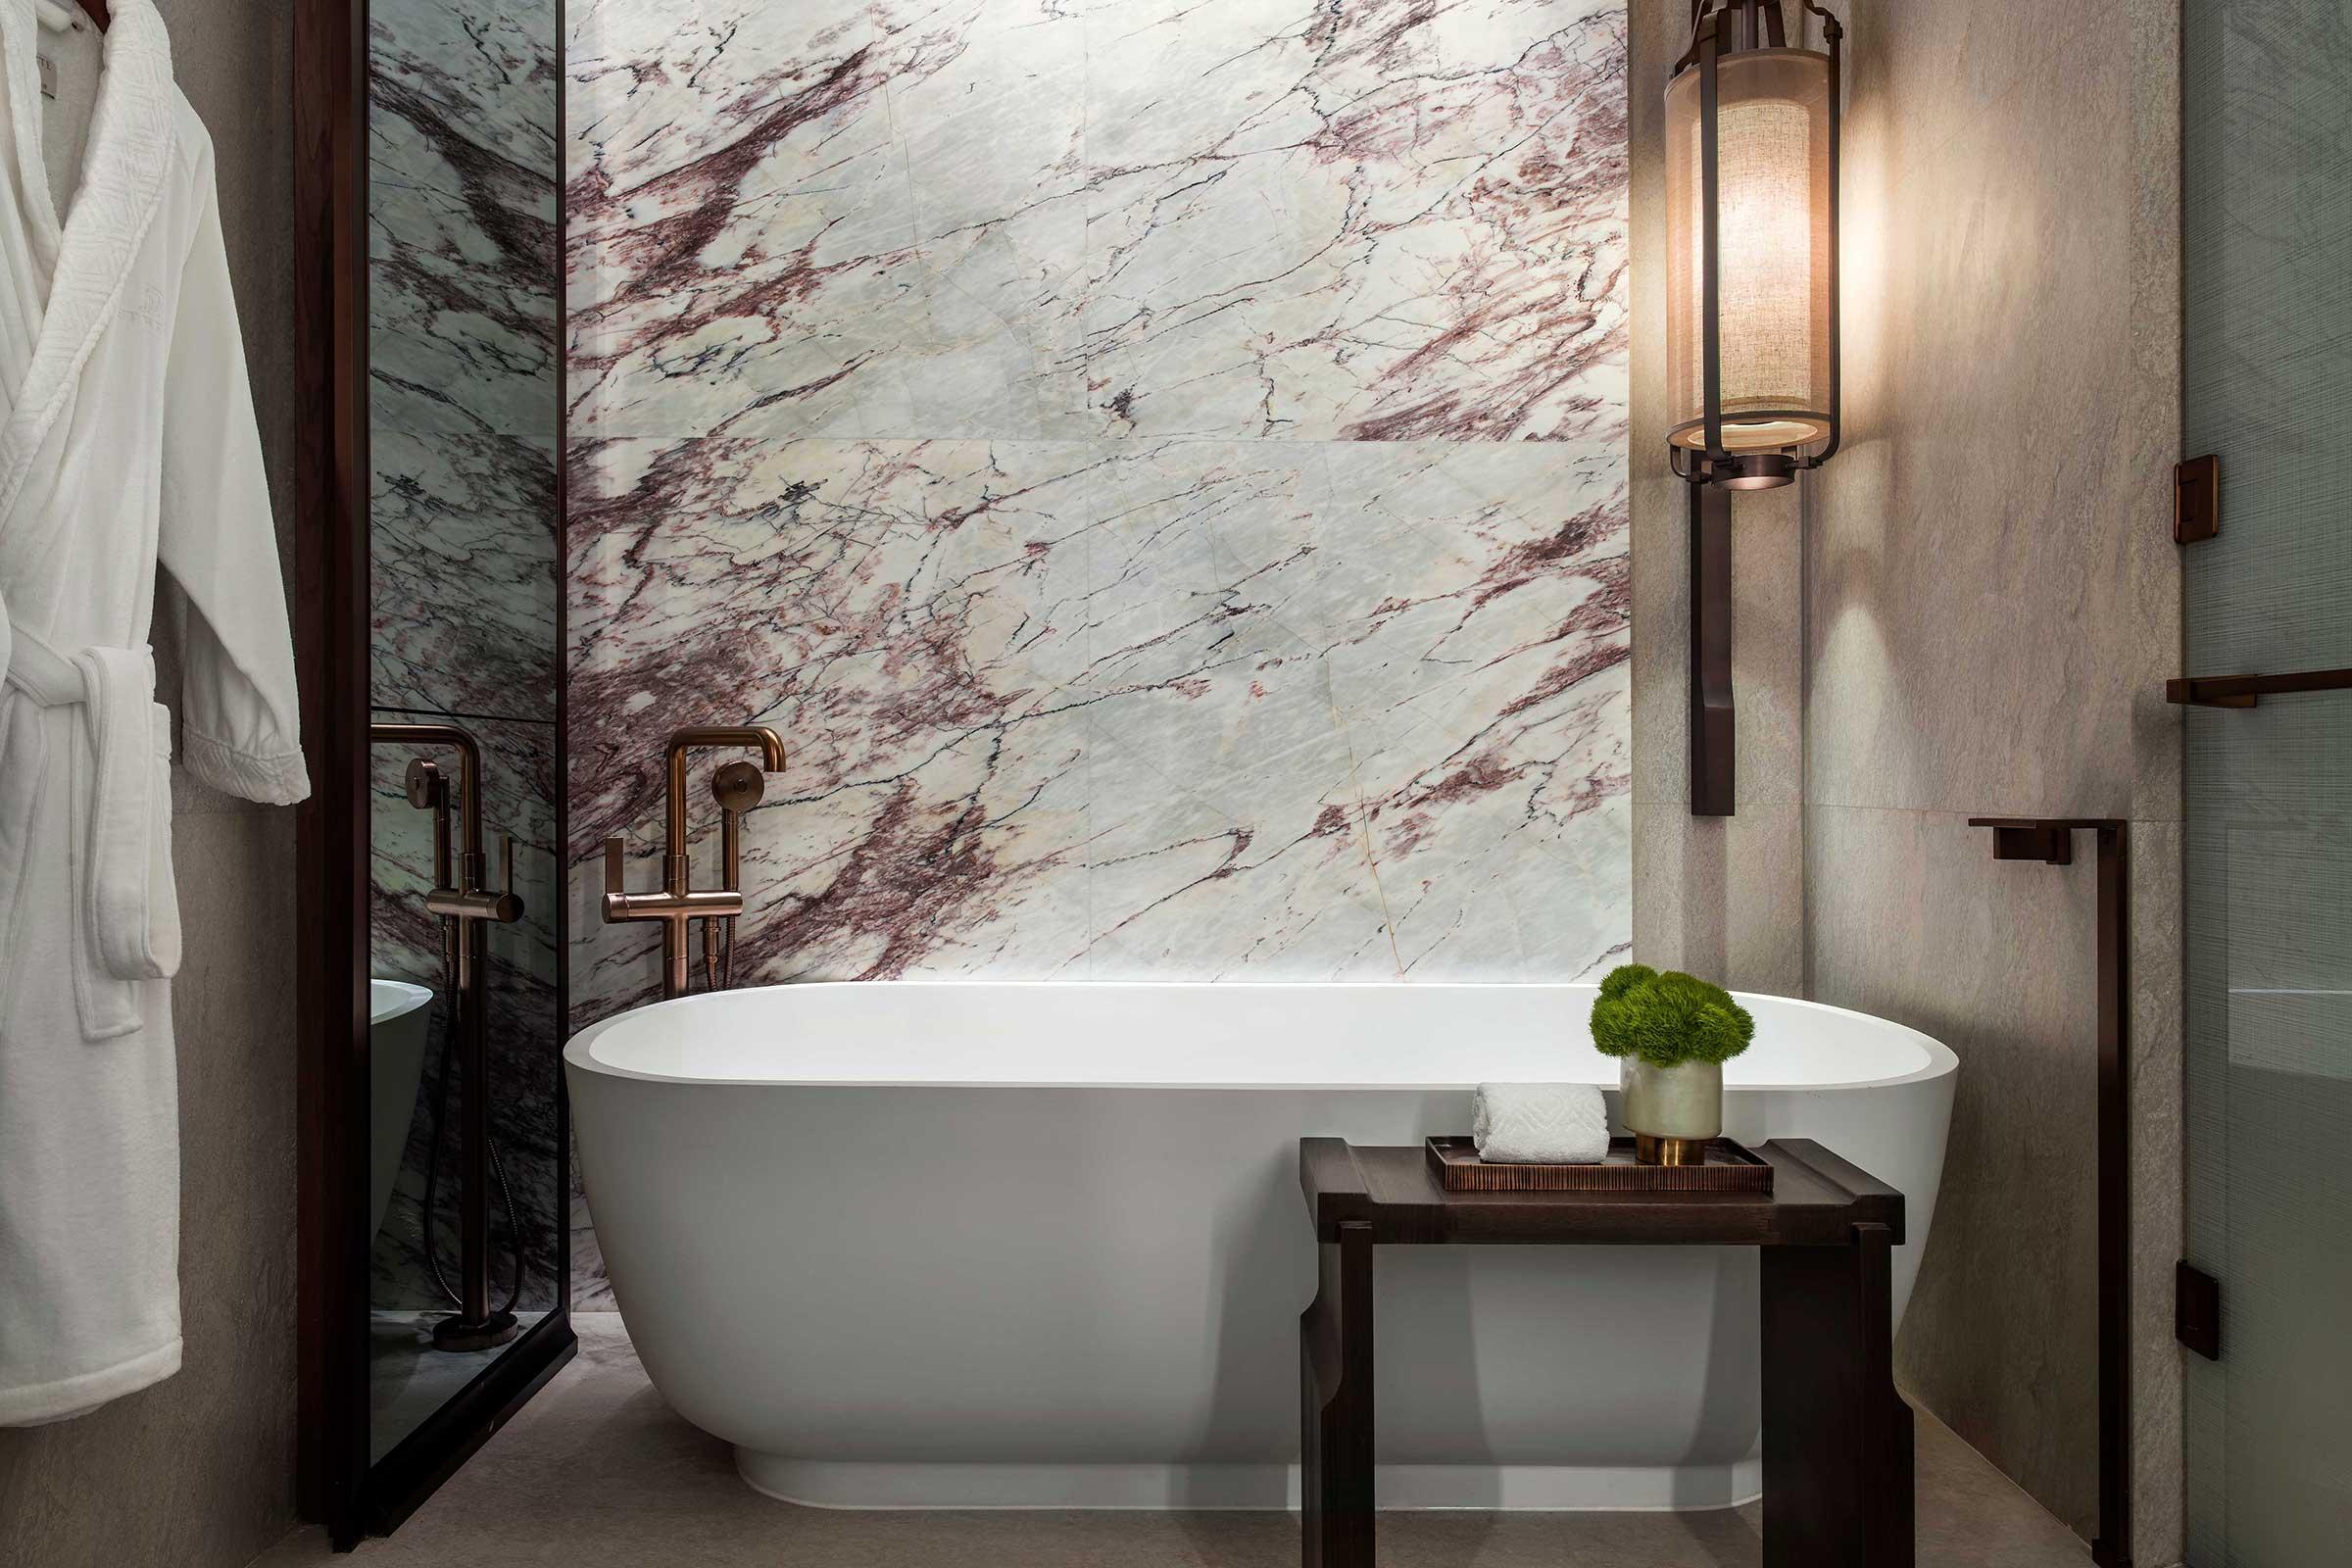 St.-Regis-Hong-Kong,-G.Deluxe-01-Bathroom-Vignette.jpg